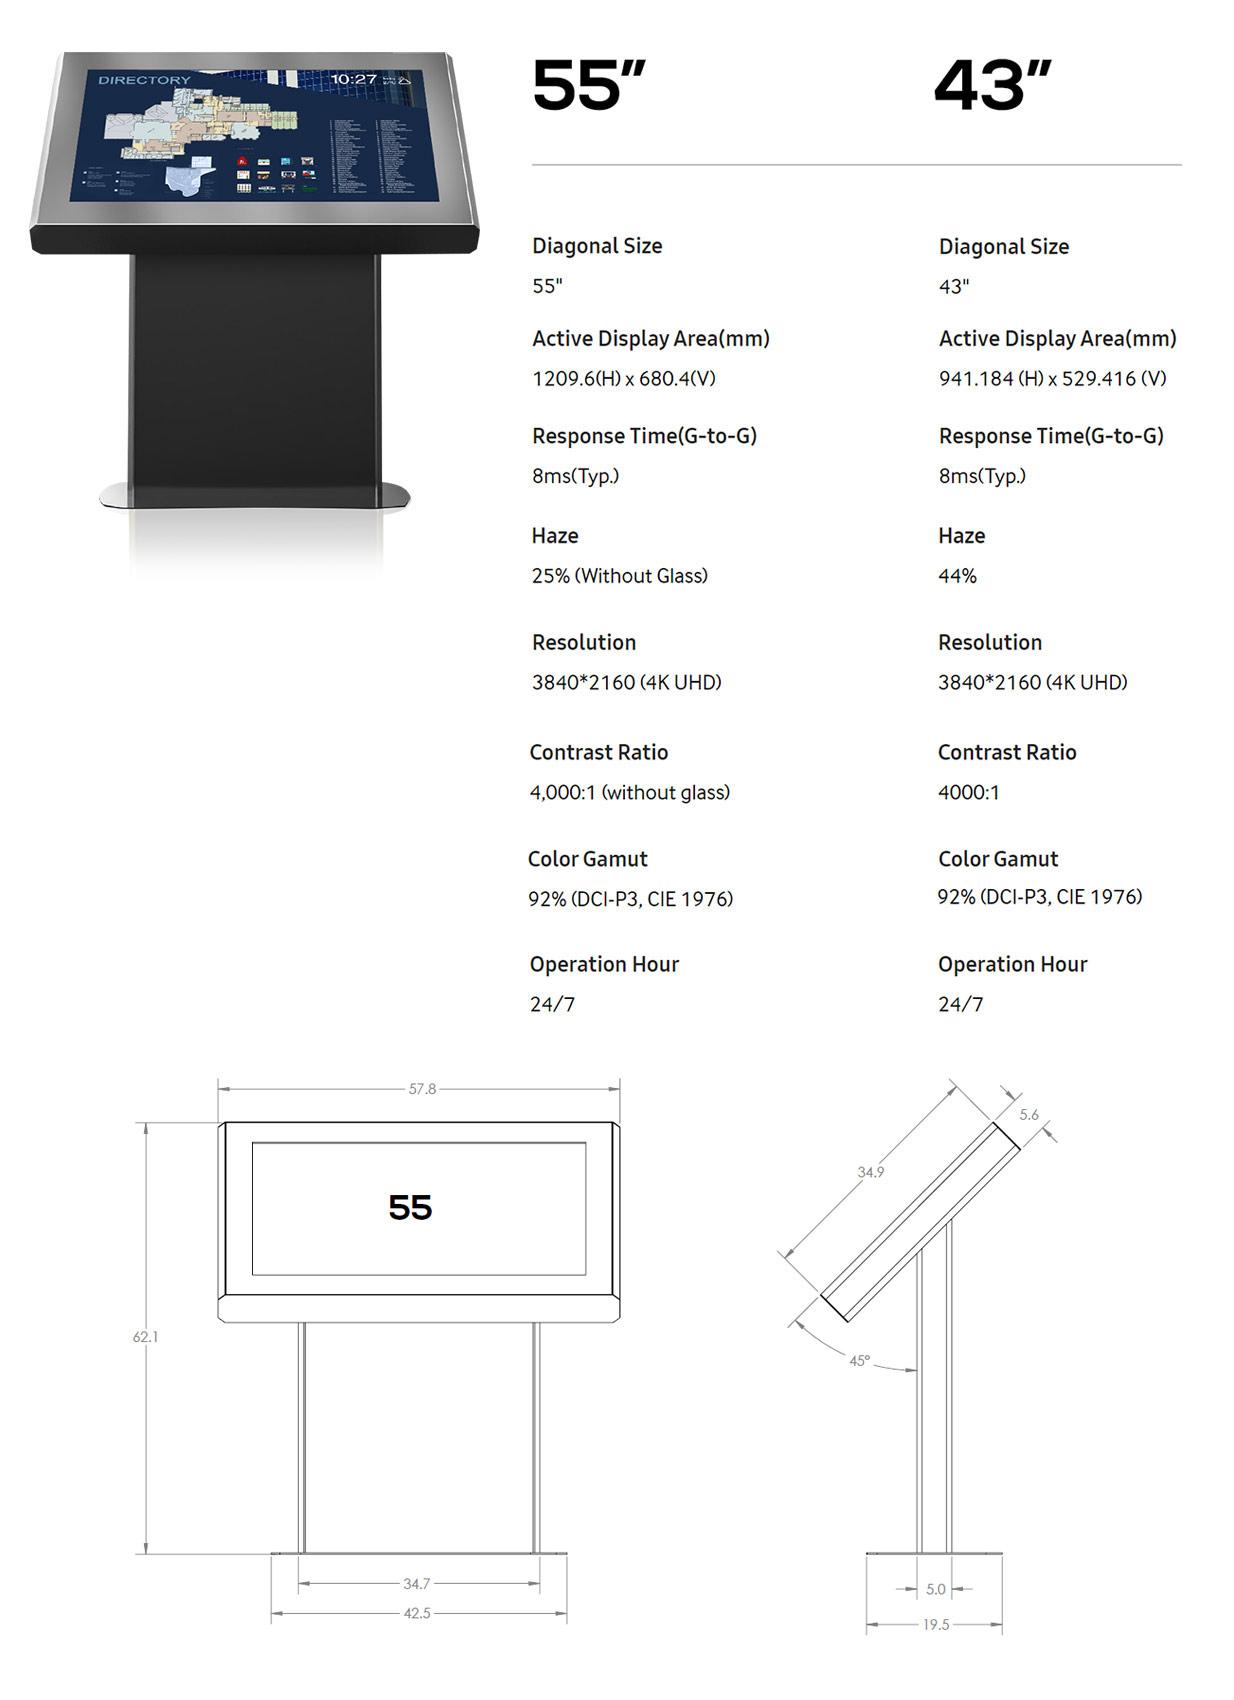 angled-kiosk-specs